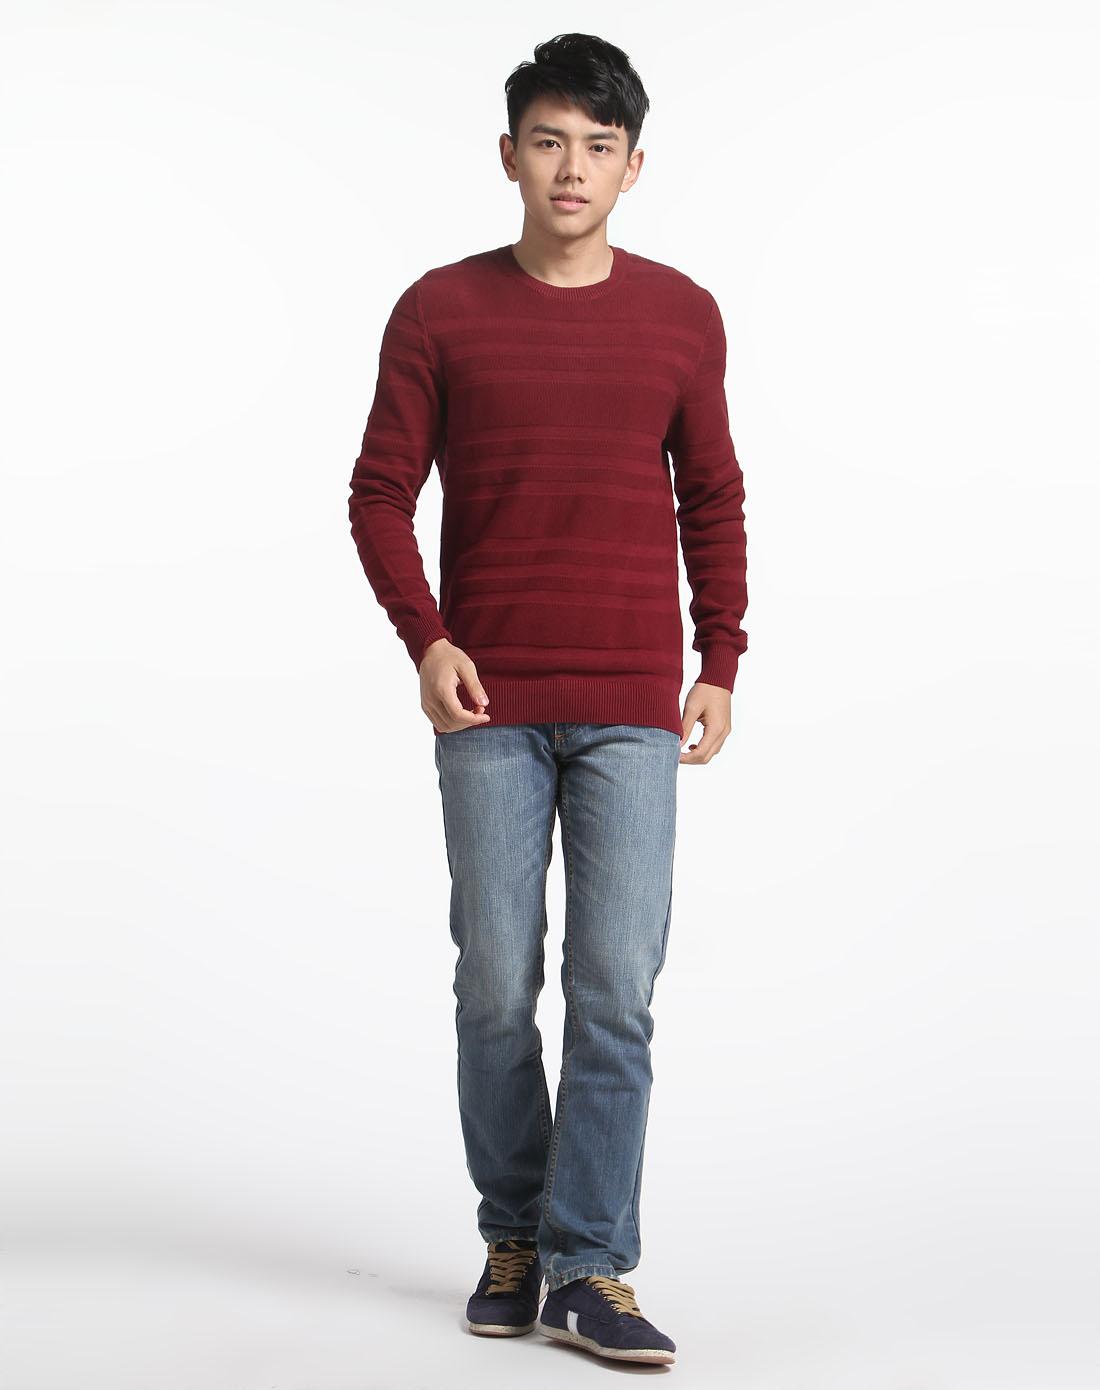 暗红色圆领长袖针织衫